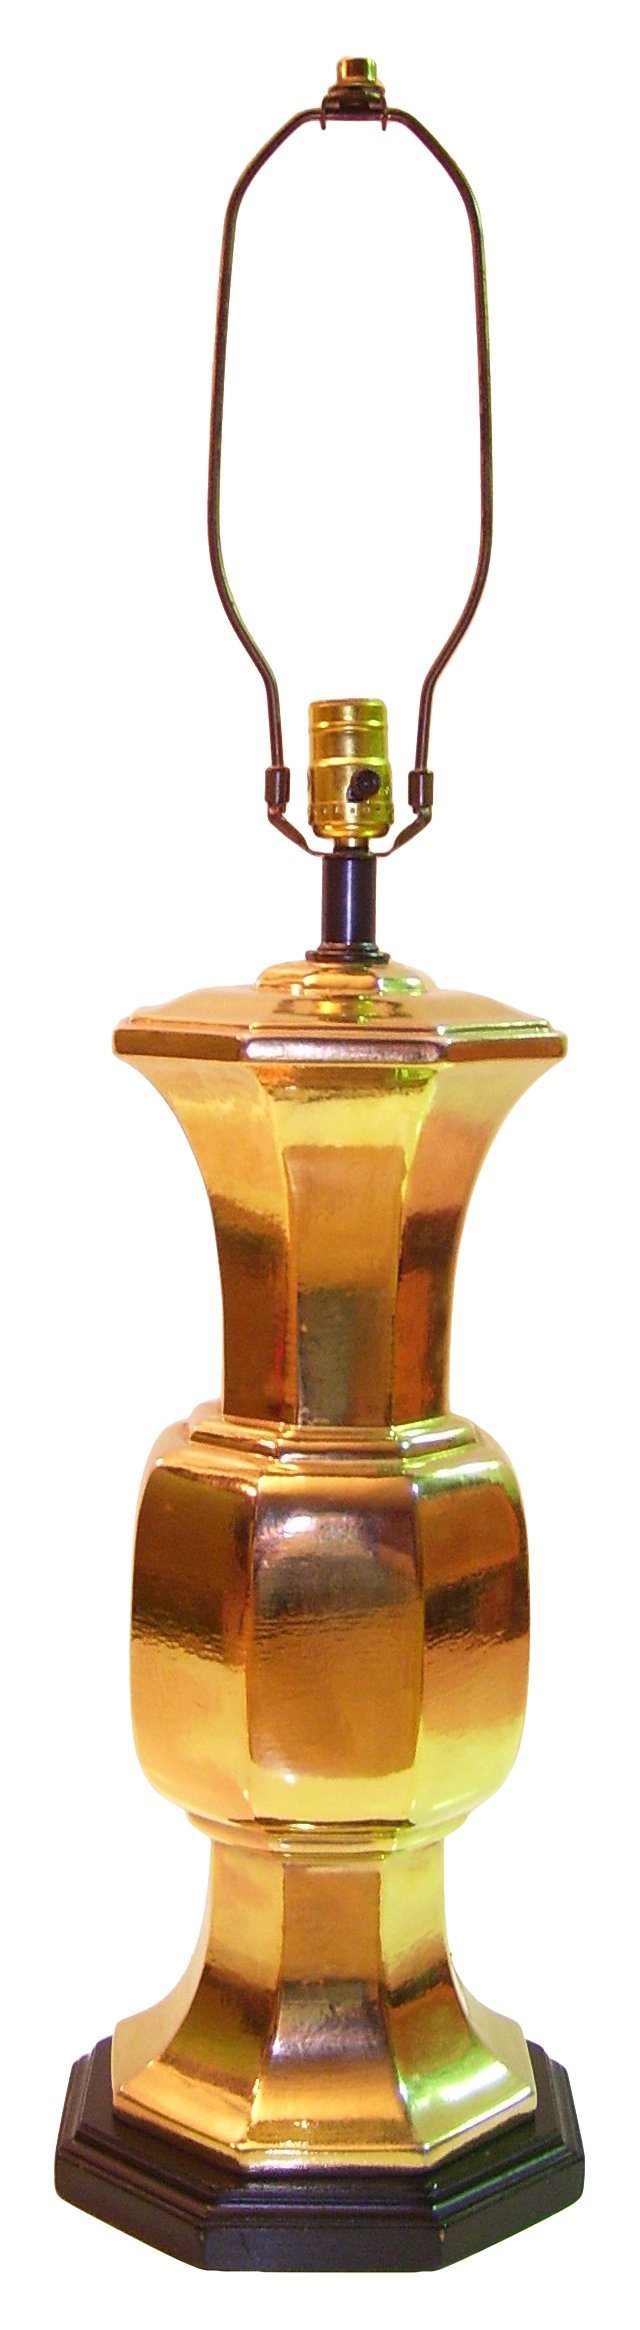 Gilt Ceramic Lamp